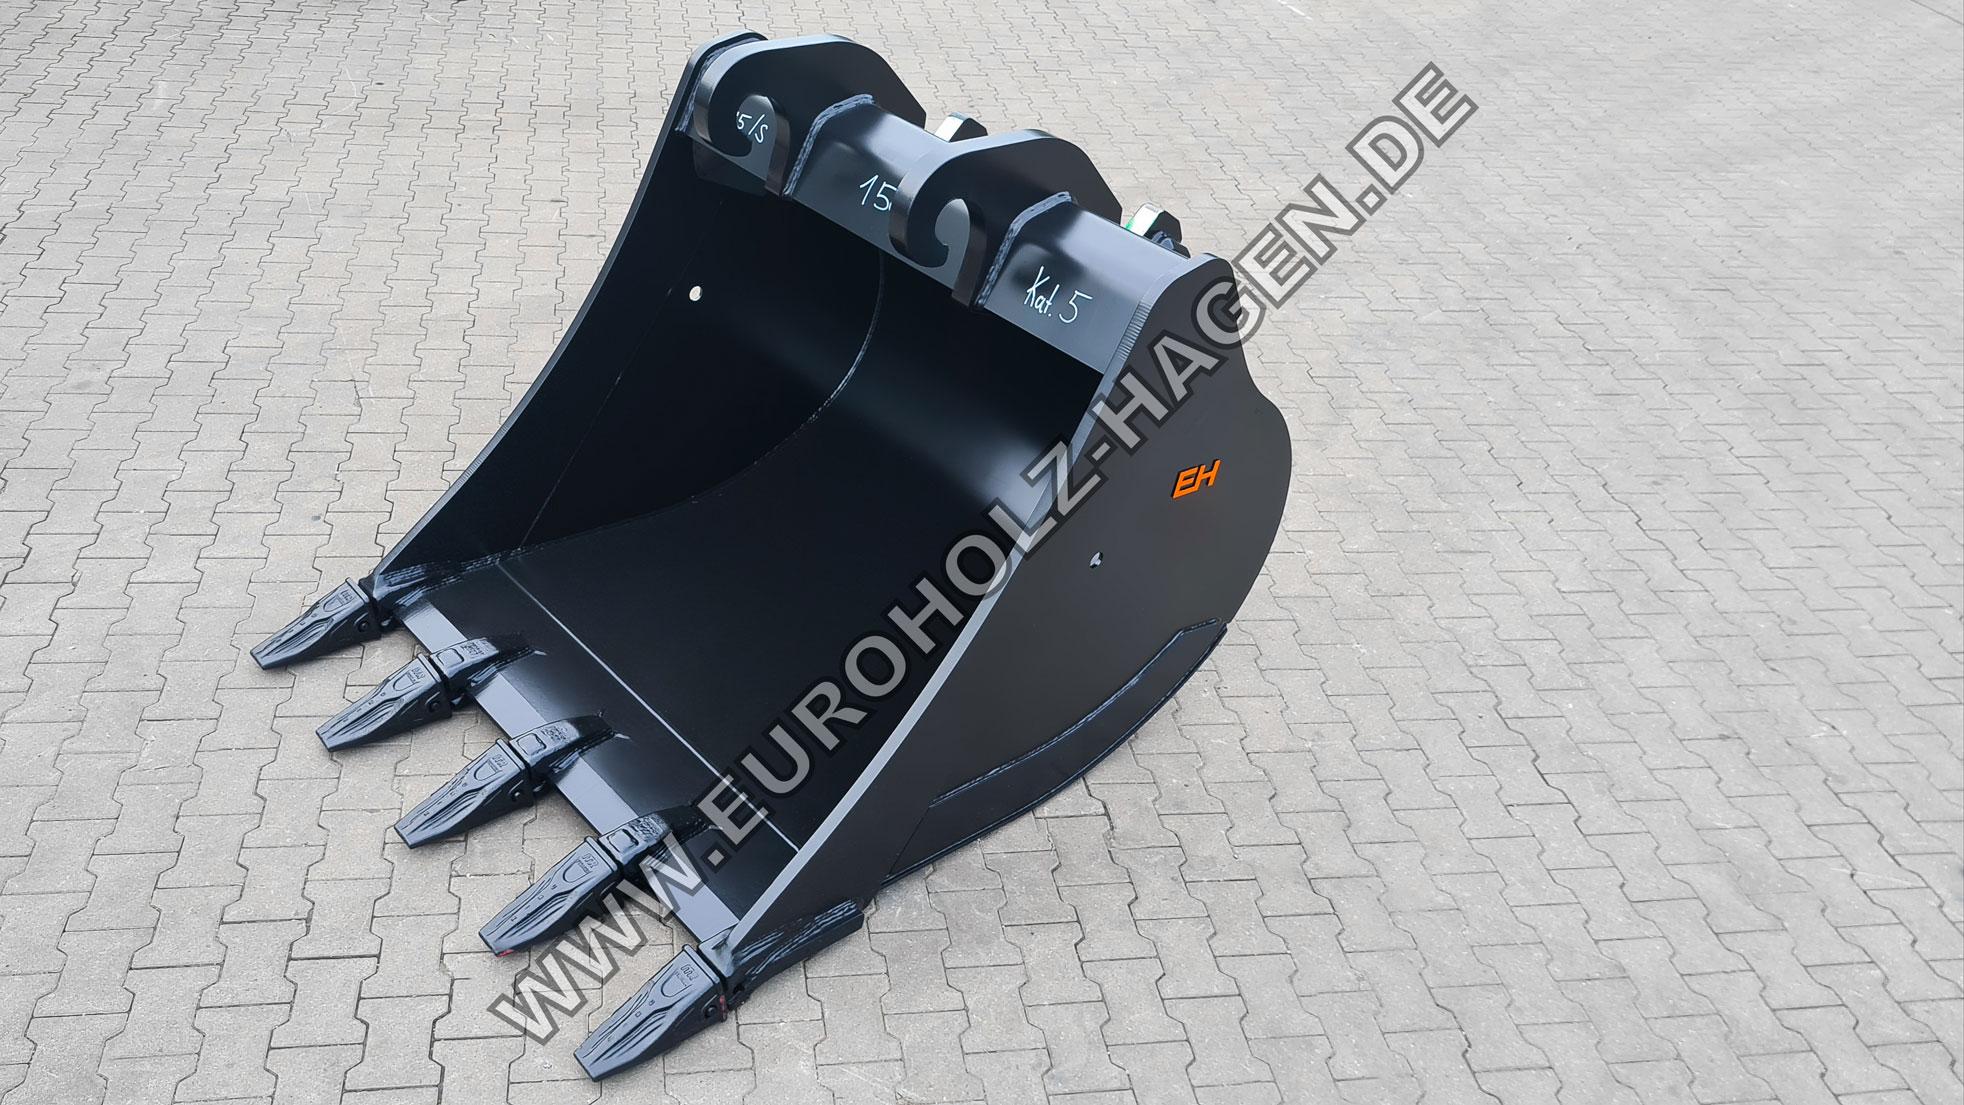 Tieflöffel passend für Verachtert CW45 S 1500 mm Kat. 5 EH